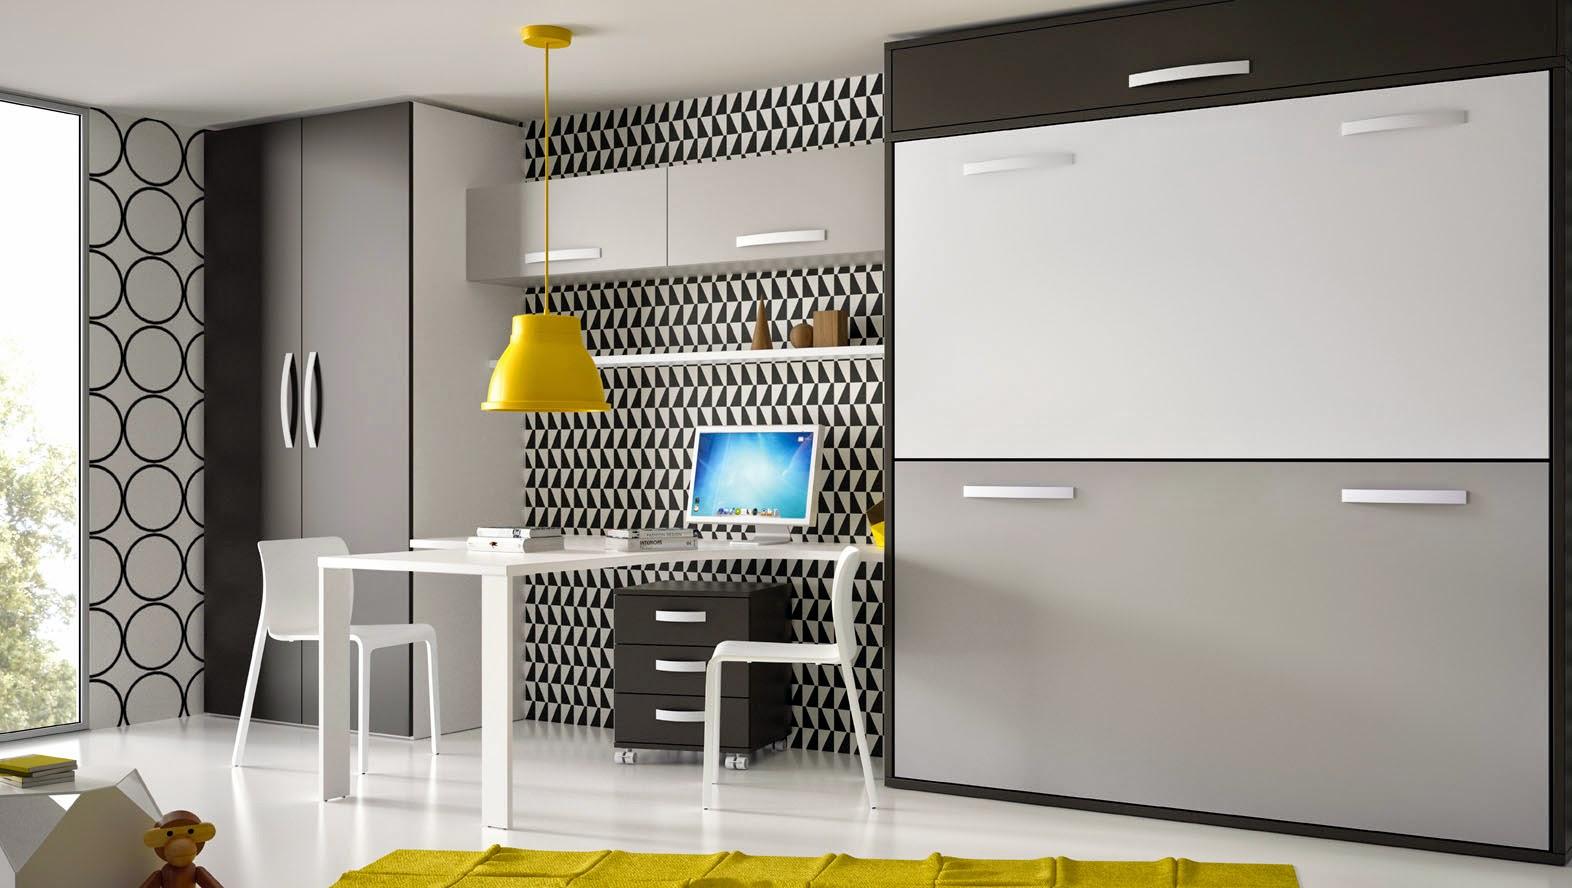 Consejos para decorar dormitorios infantiles